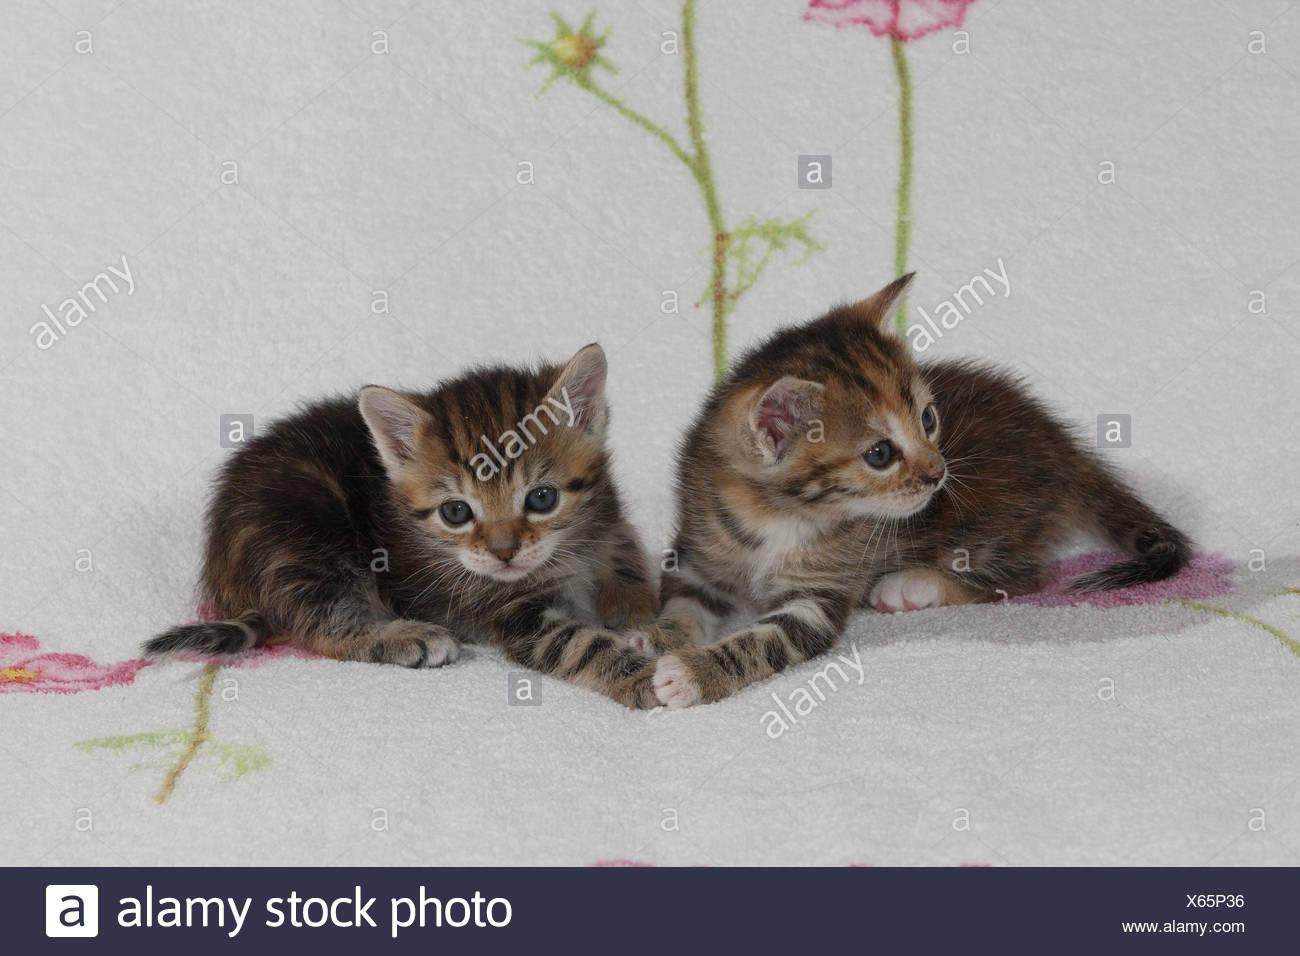 Katzen, junge, liegen, zusammen, Bett, Säugetiere, Haustiere, Tiere, kleine Katzen, Felidae, zähmt, Hauskatze, Jungtier, Kätzchen, zwei Geschwister, klein, unbeholfen, ungeschickt, süß, berühren, gestreift, Zusammenhalt, Liebe, Naht, Zweisamkeit, junge Tiere, Tierbabys, innen, Stockfoto